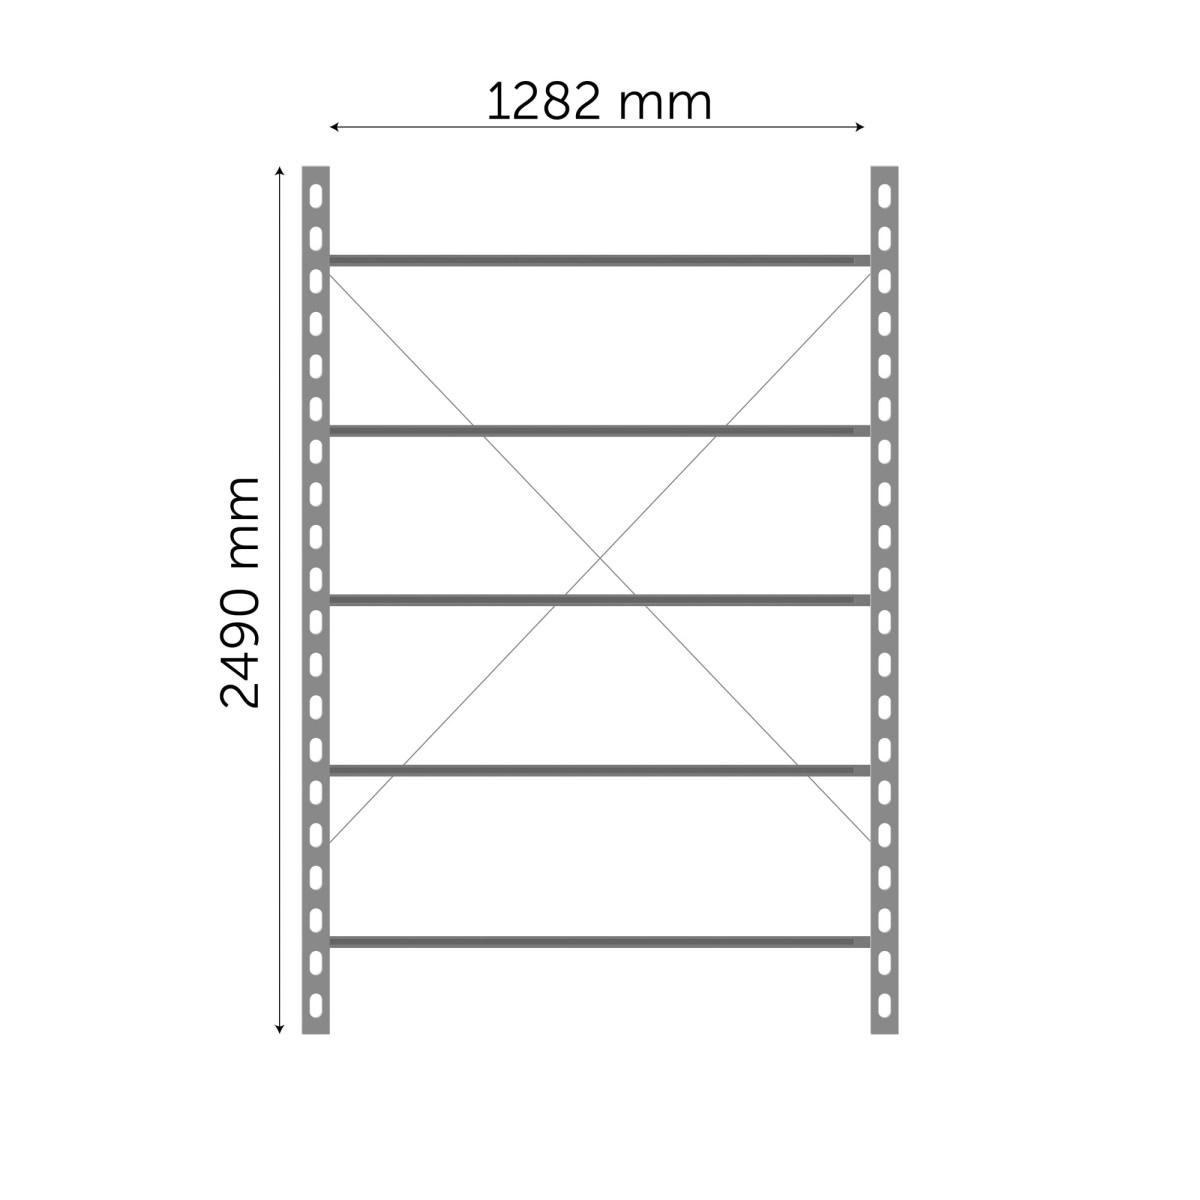 Moodulriiuli põhiosa 2490x1282mm